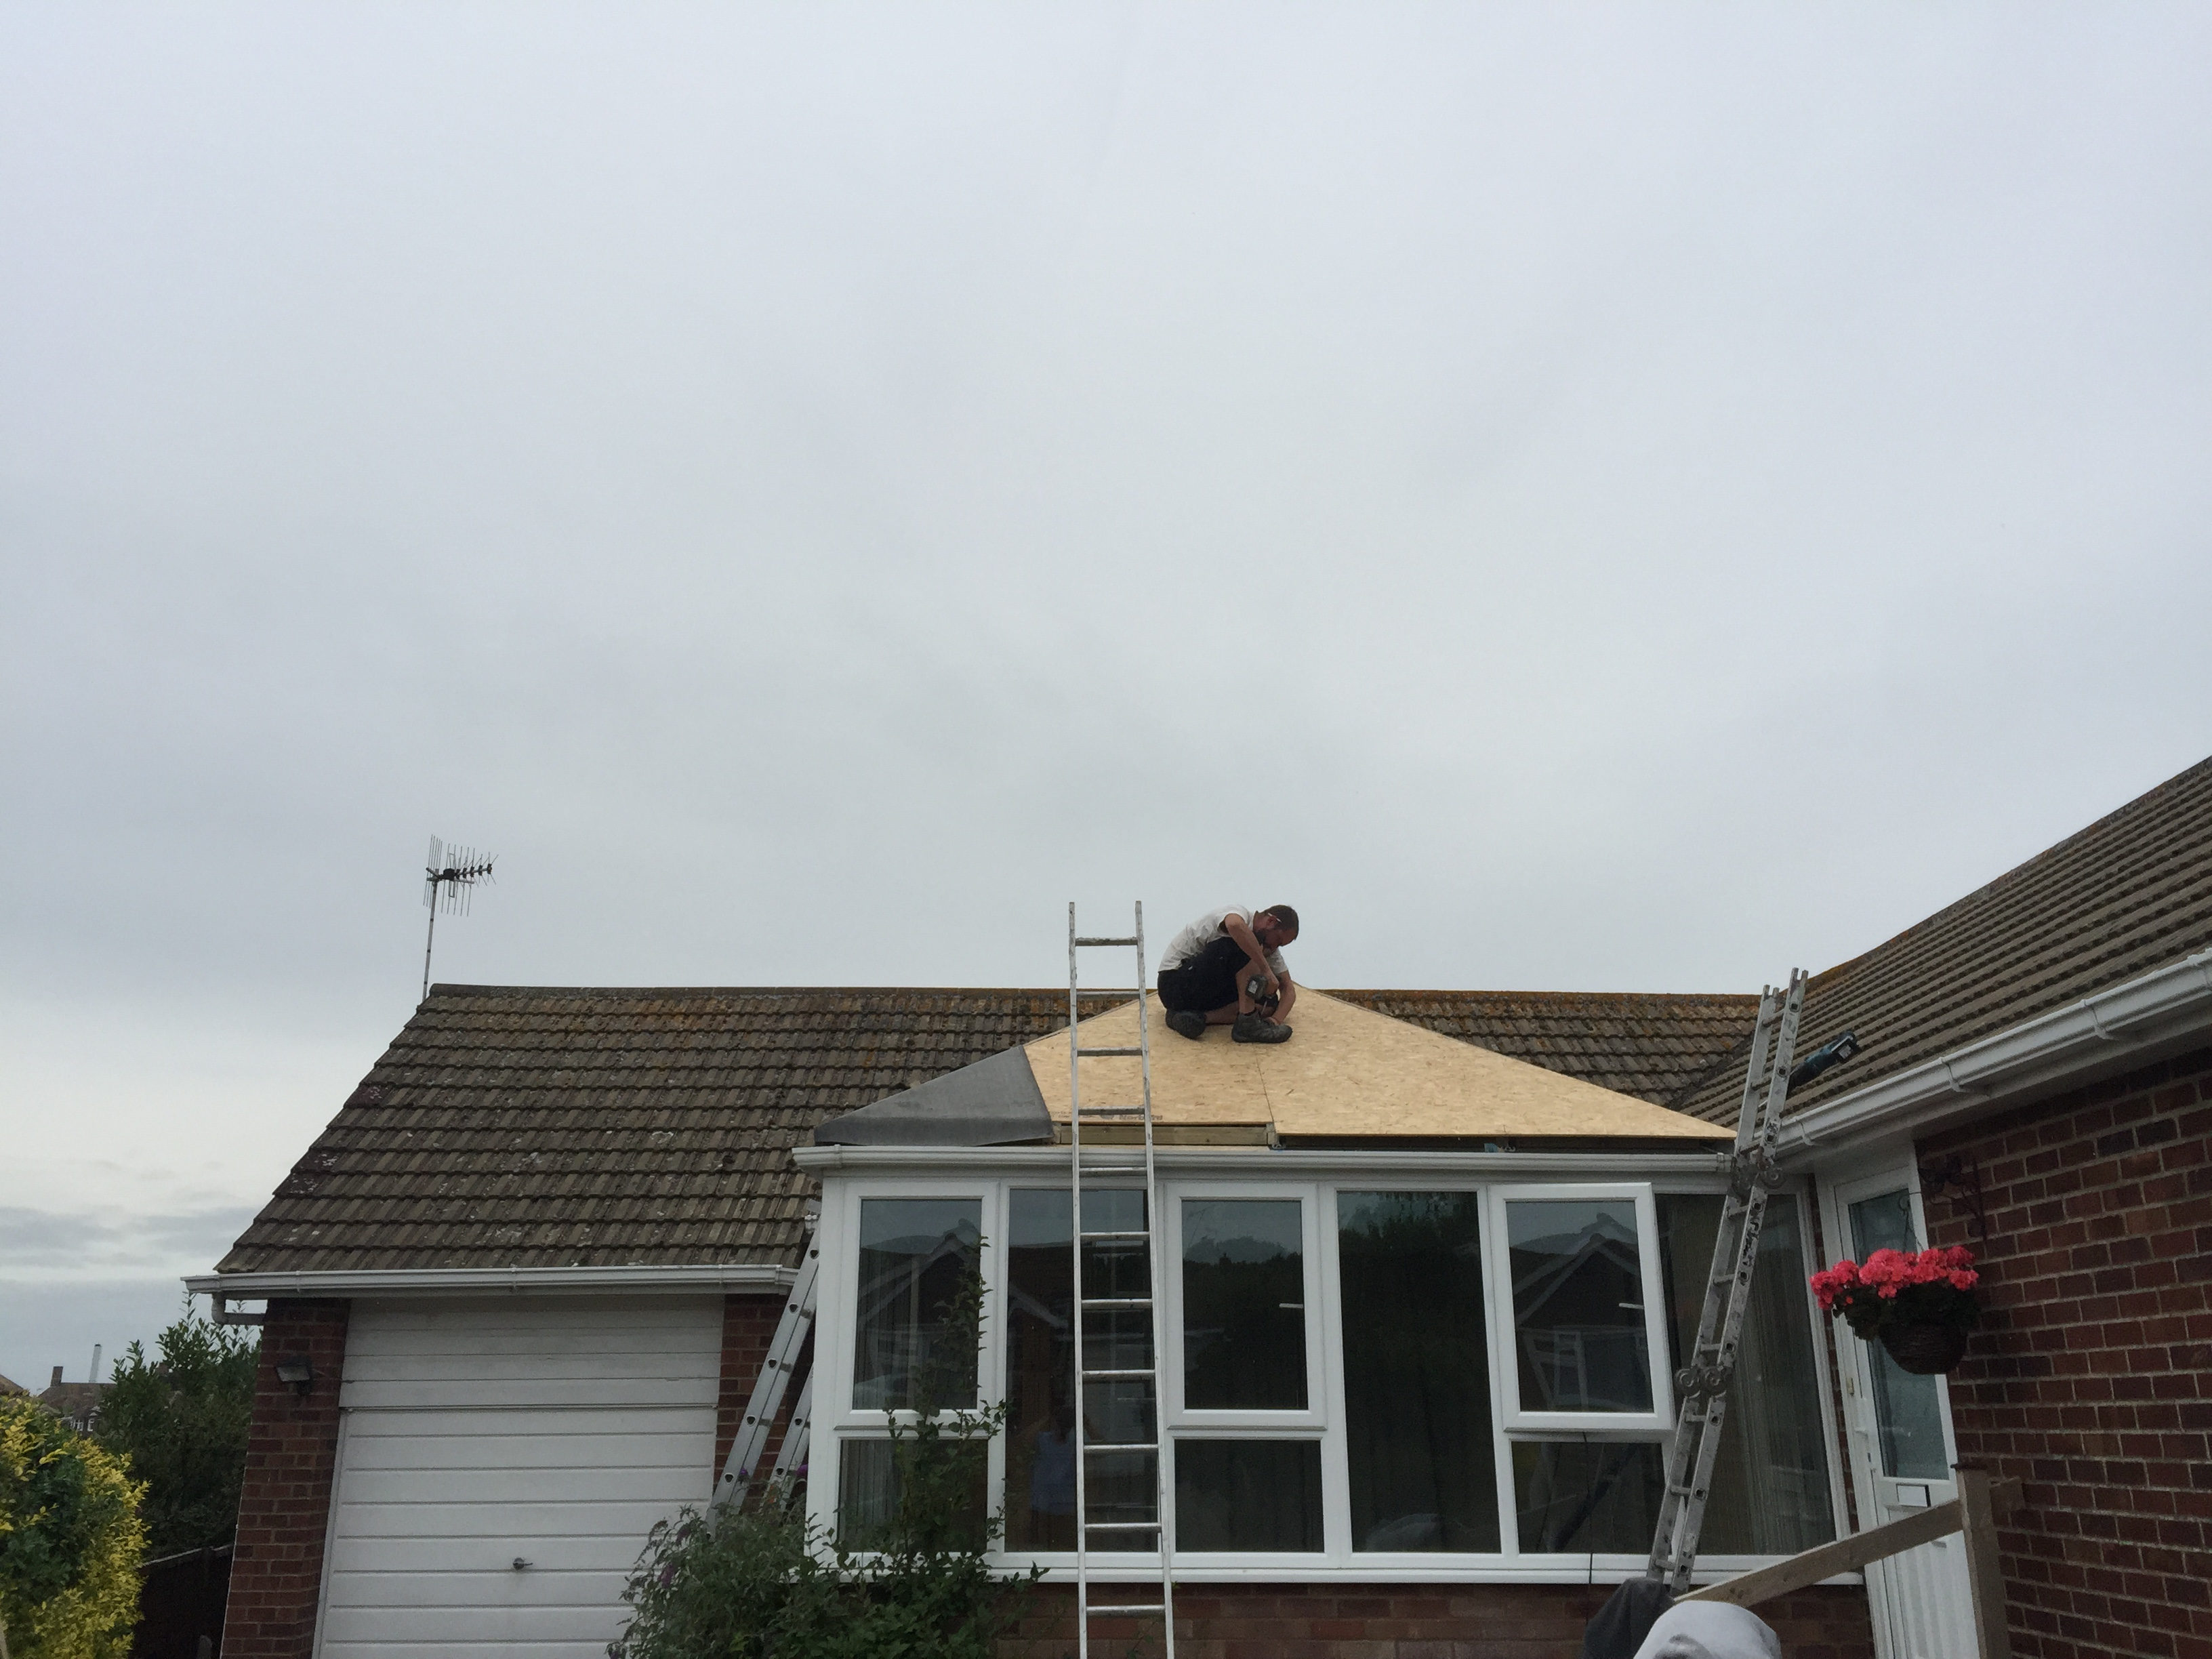 expert roofer at work